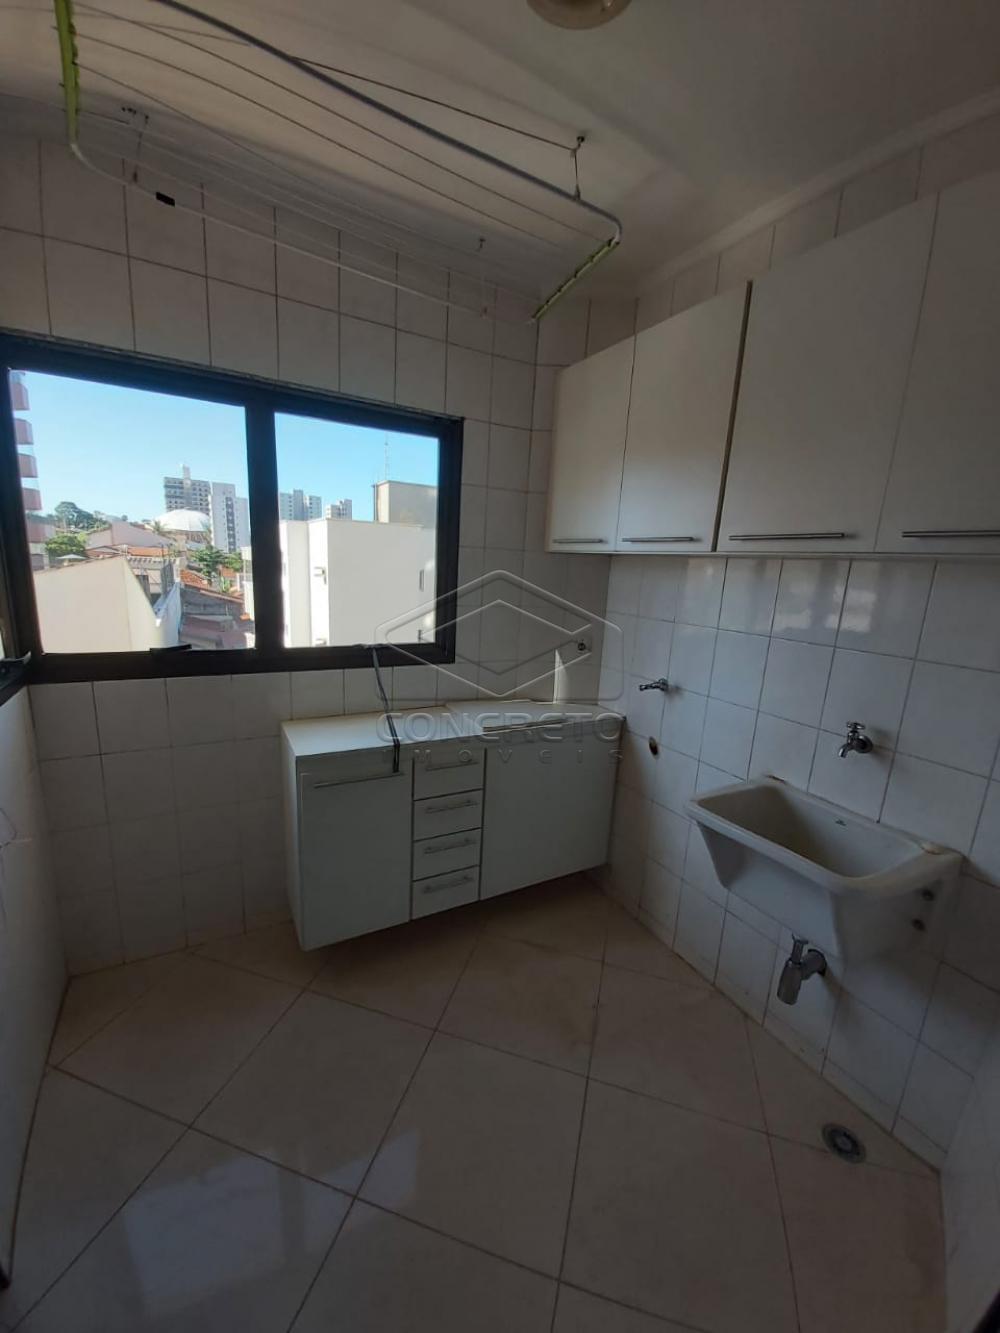 Comprar Apartamento / Padrão em Bauru R$ 510.000,00 - Foto 18